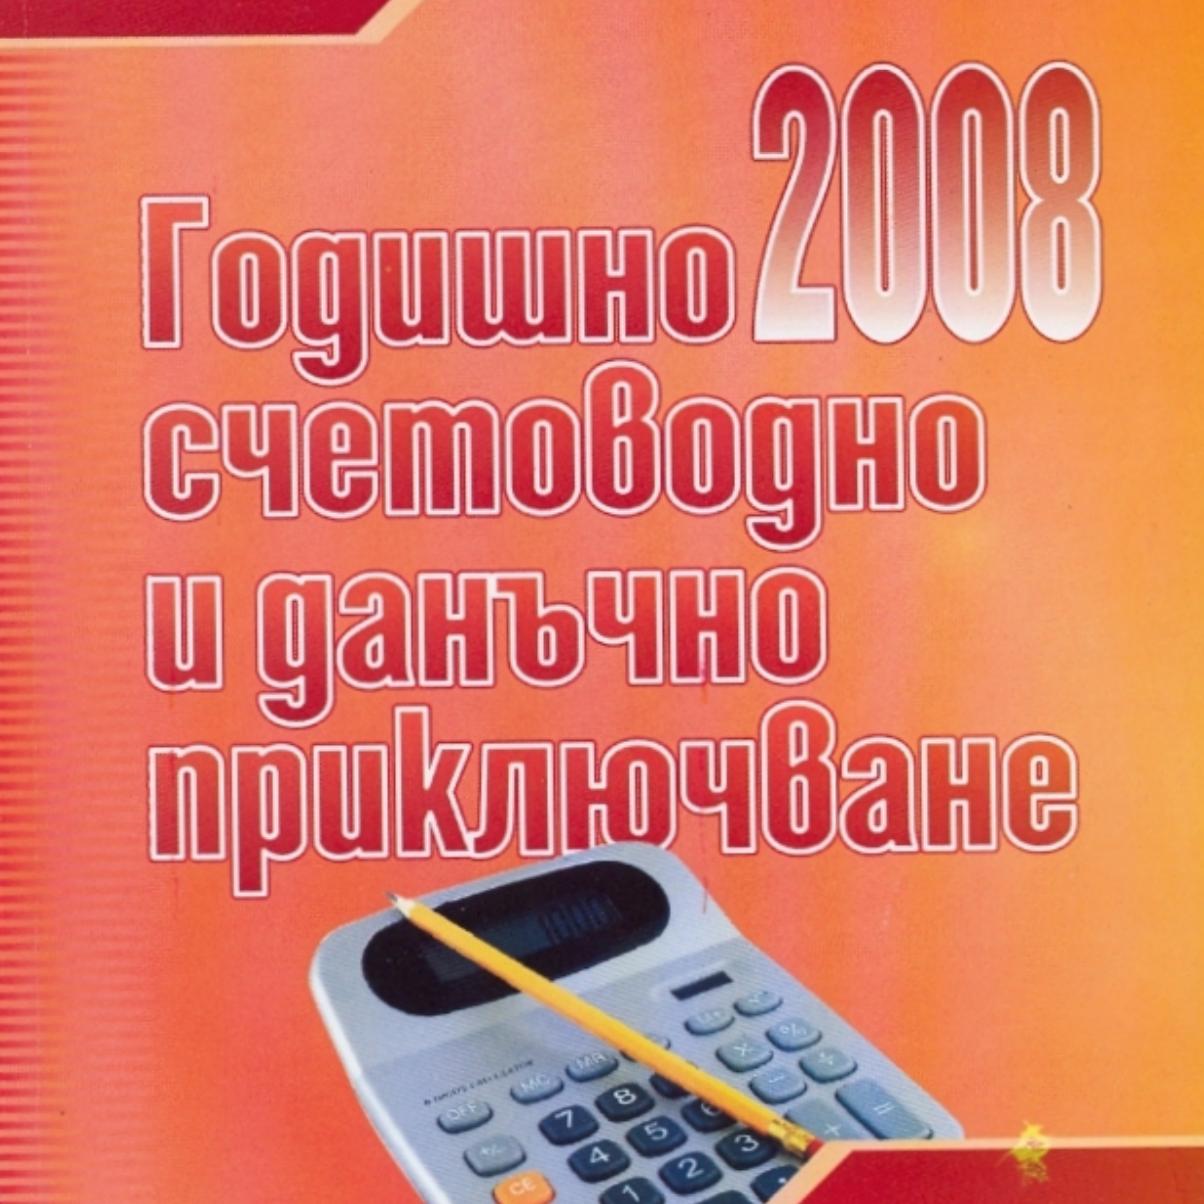 Годишно счетоводно и данъчно приключване 2008 г.